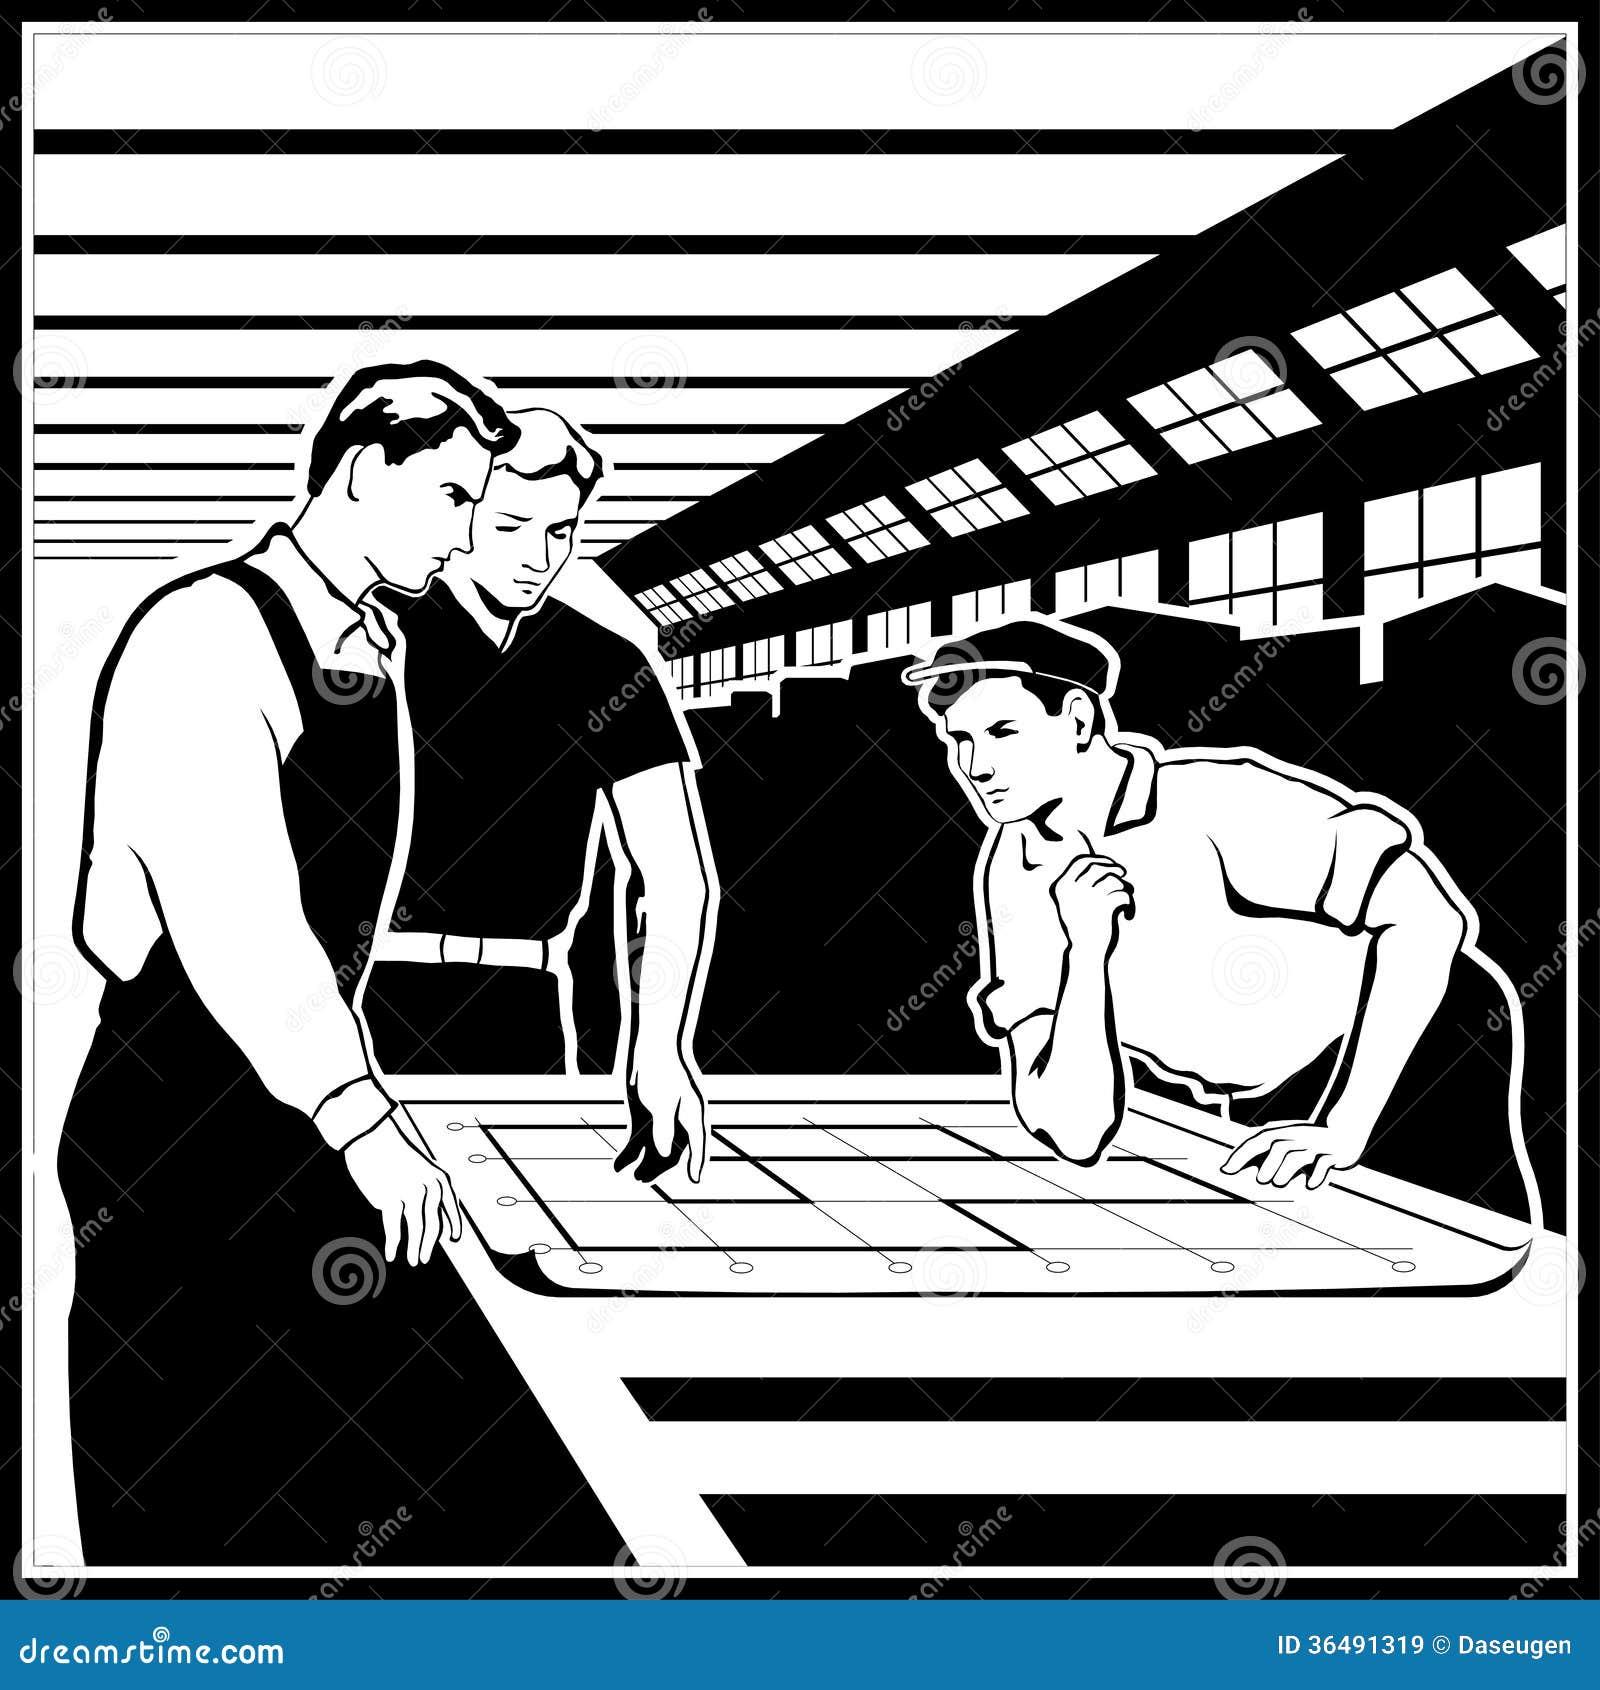 Arbetare diskuterar deras handlingar enligt teckningarna